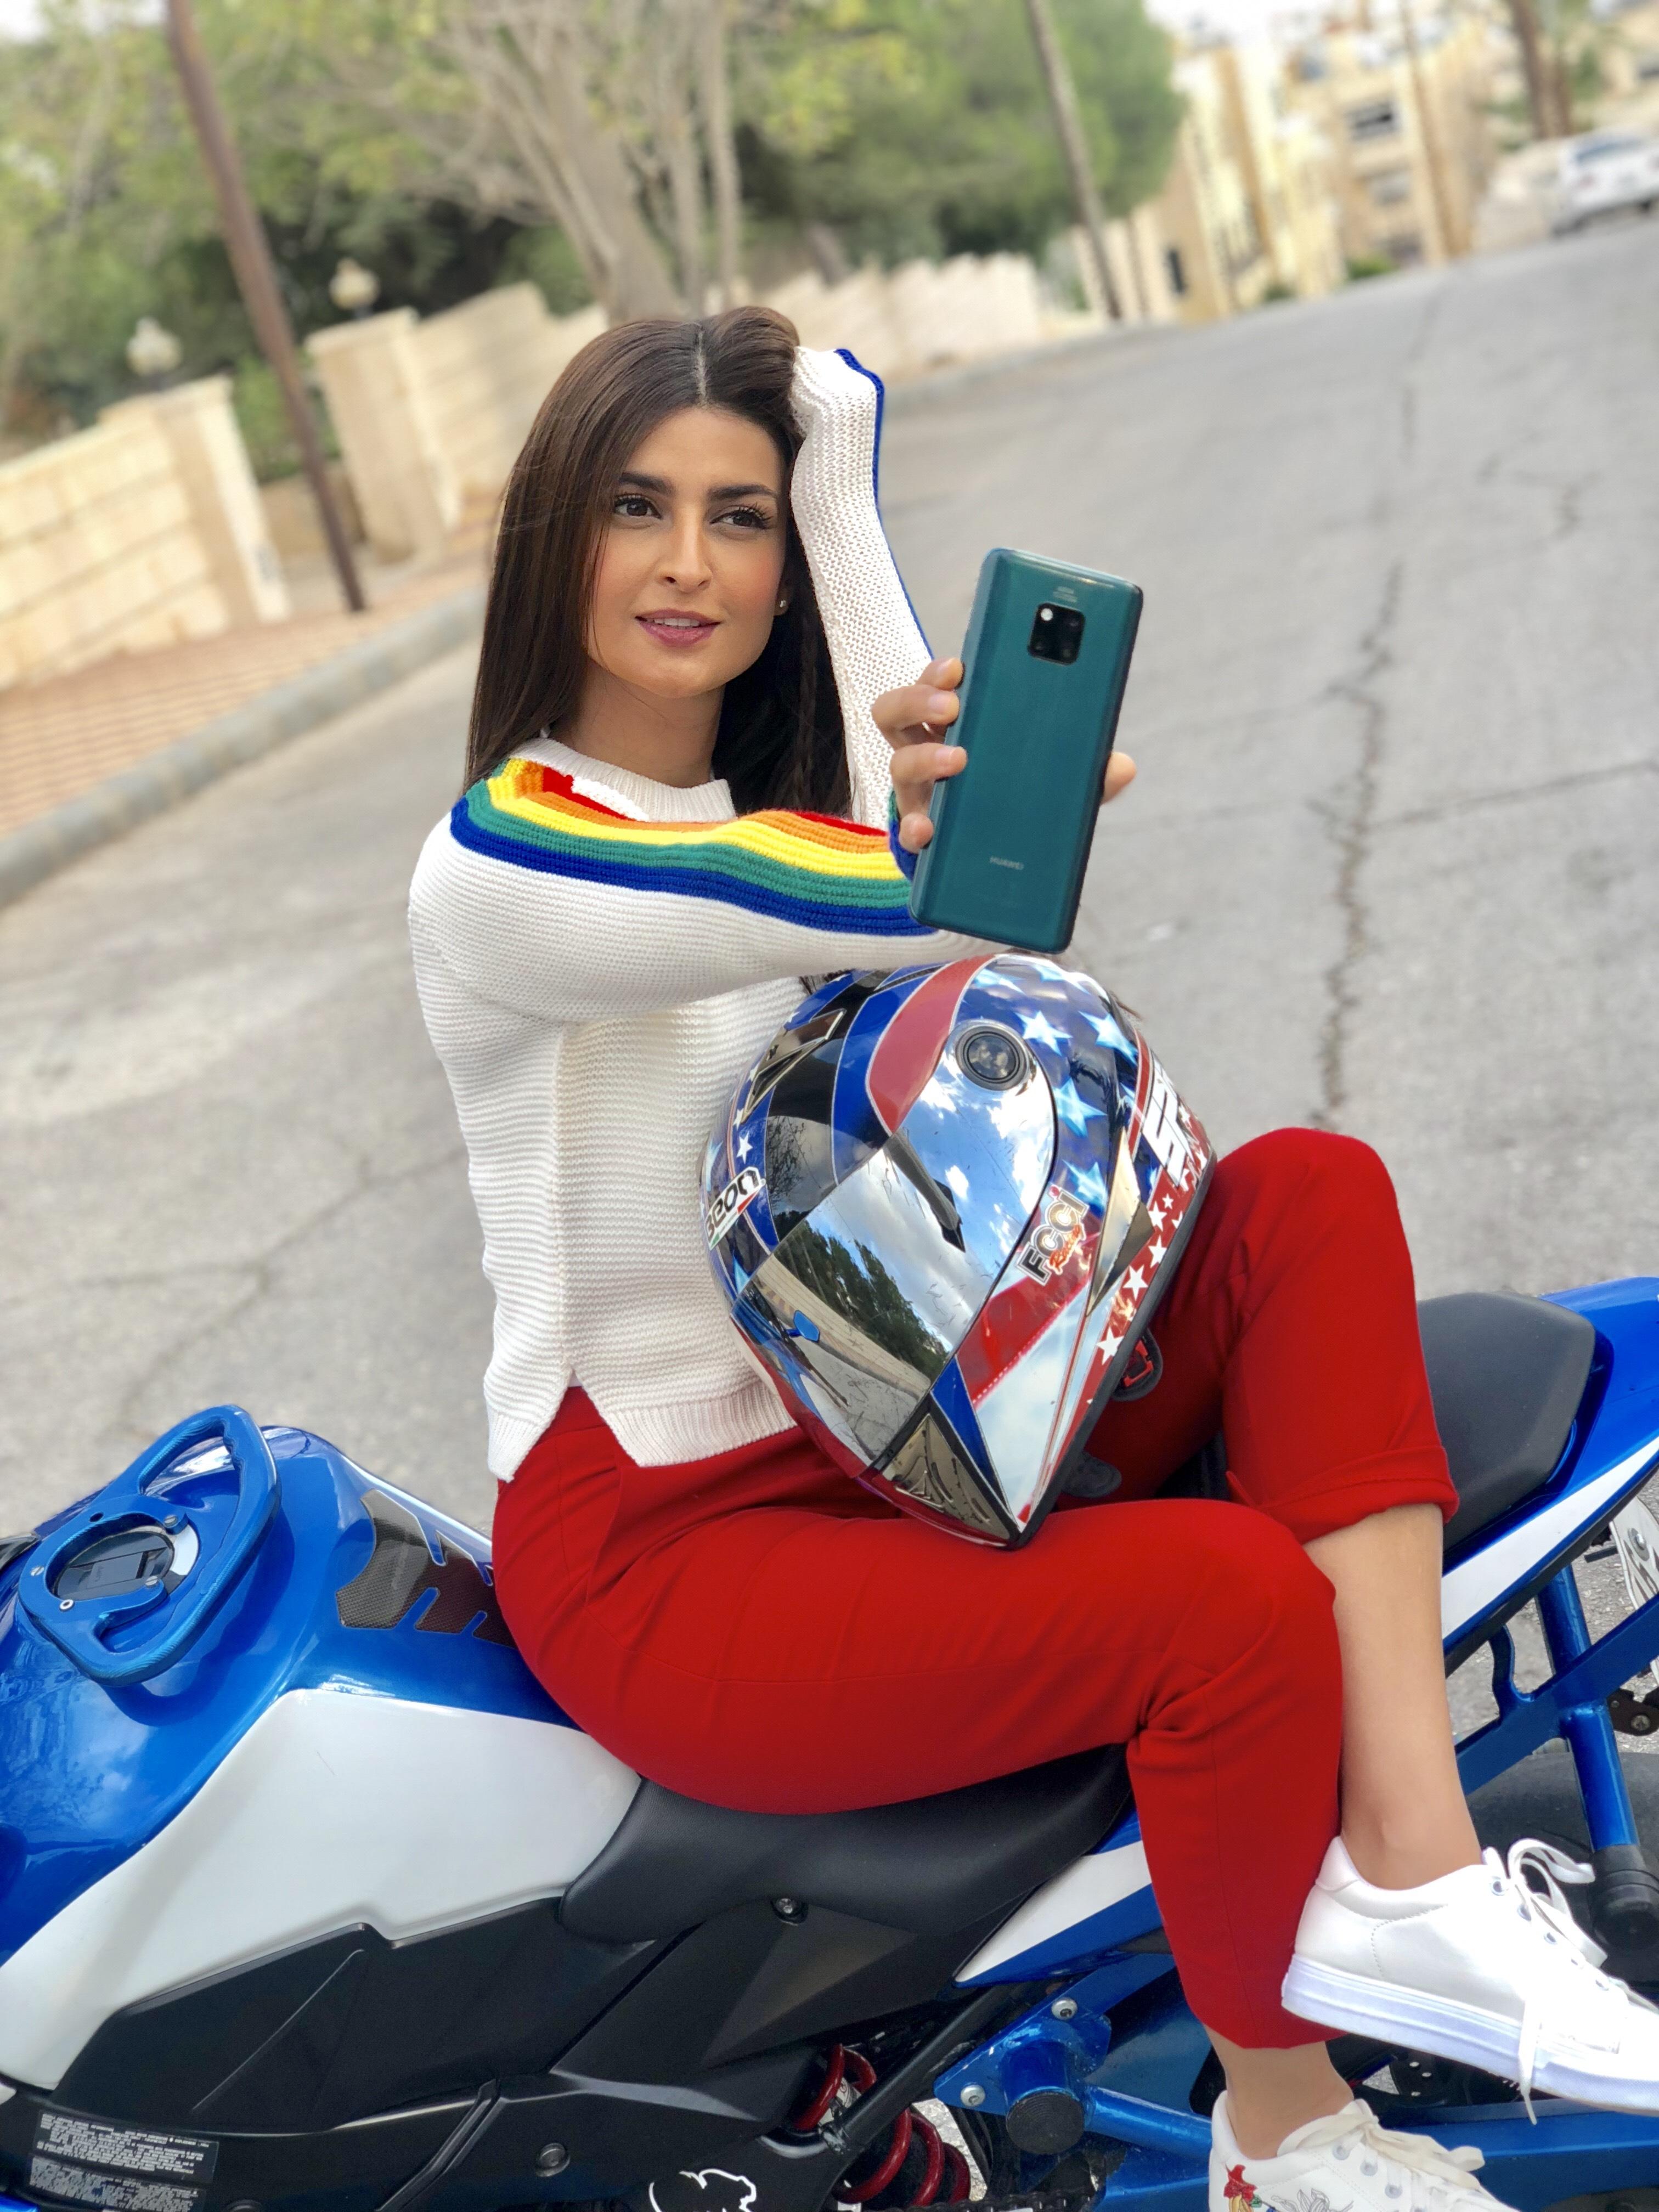 Ola Alfares @Olaalfares with Huawei Mate 20 Pro